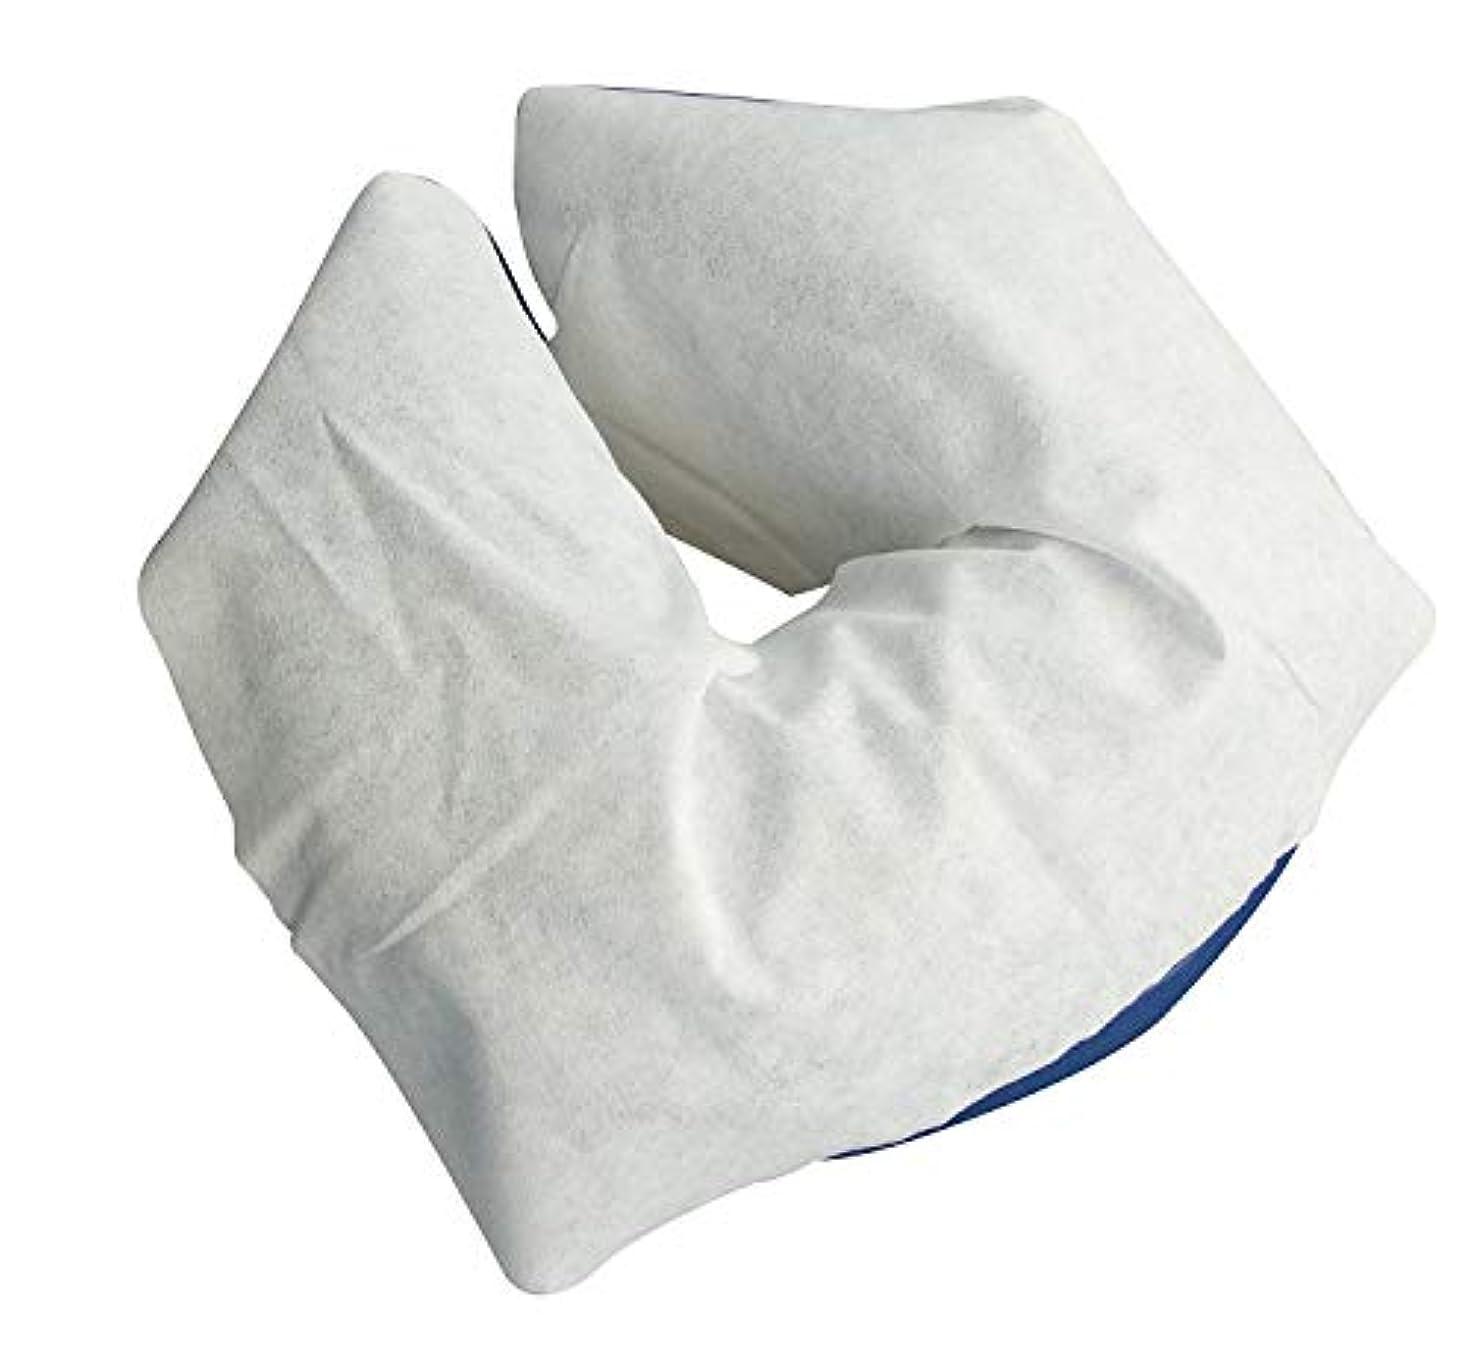 ワーム促す治療Umora U字 ピローシート 使い捨てマクラカバー 業務用 美容 サロン 100%綿 柔軟 厚手(200枚)